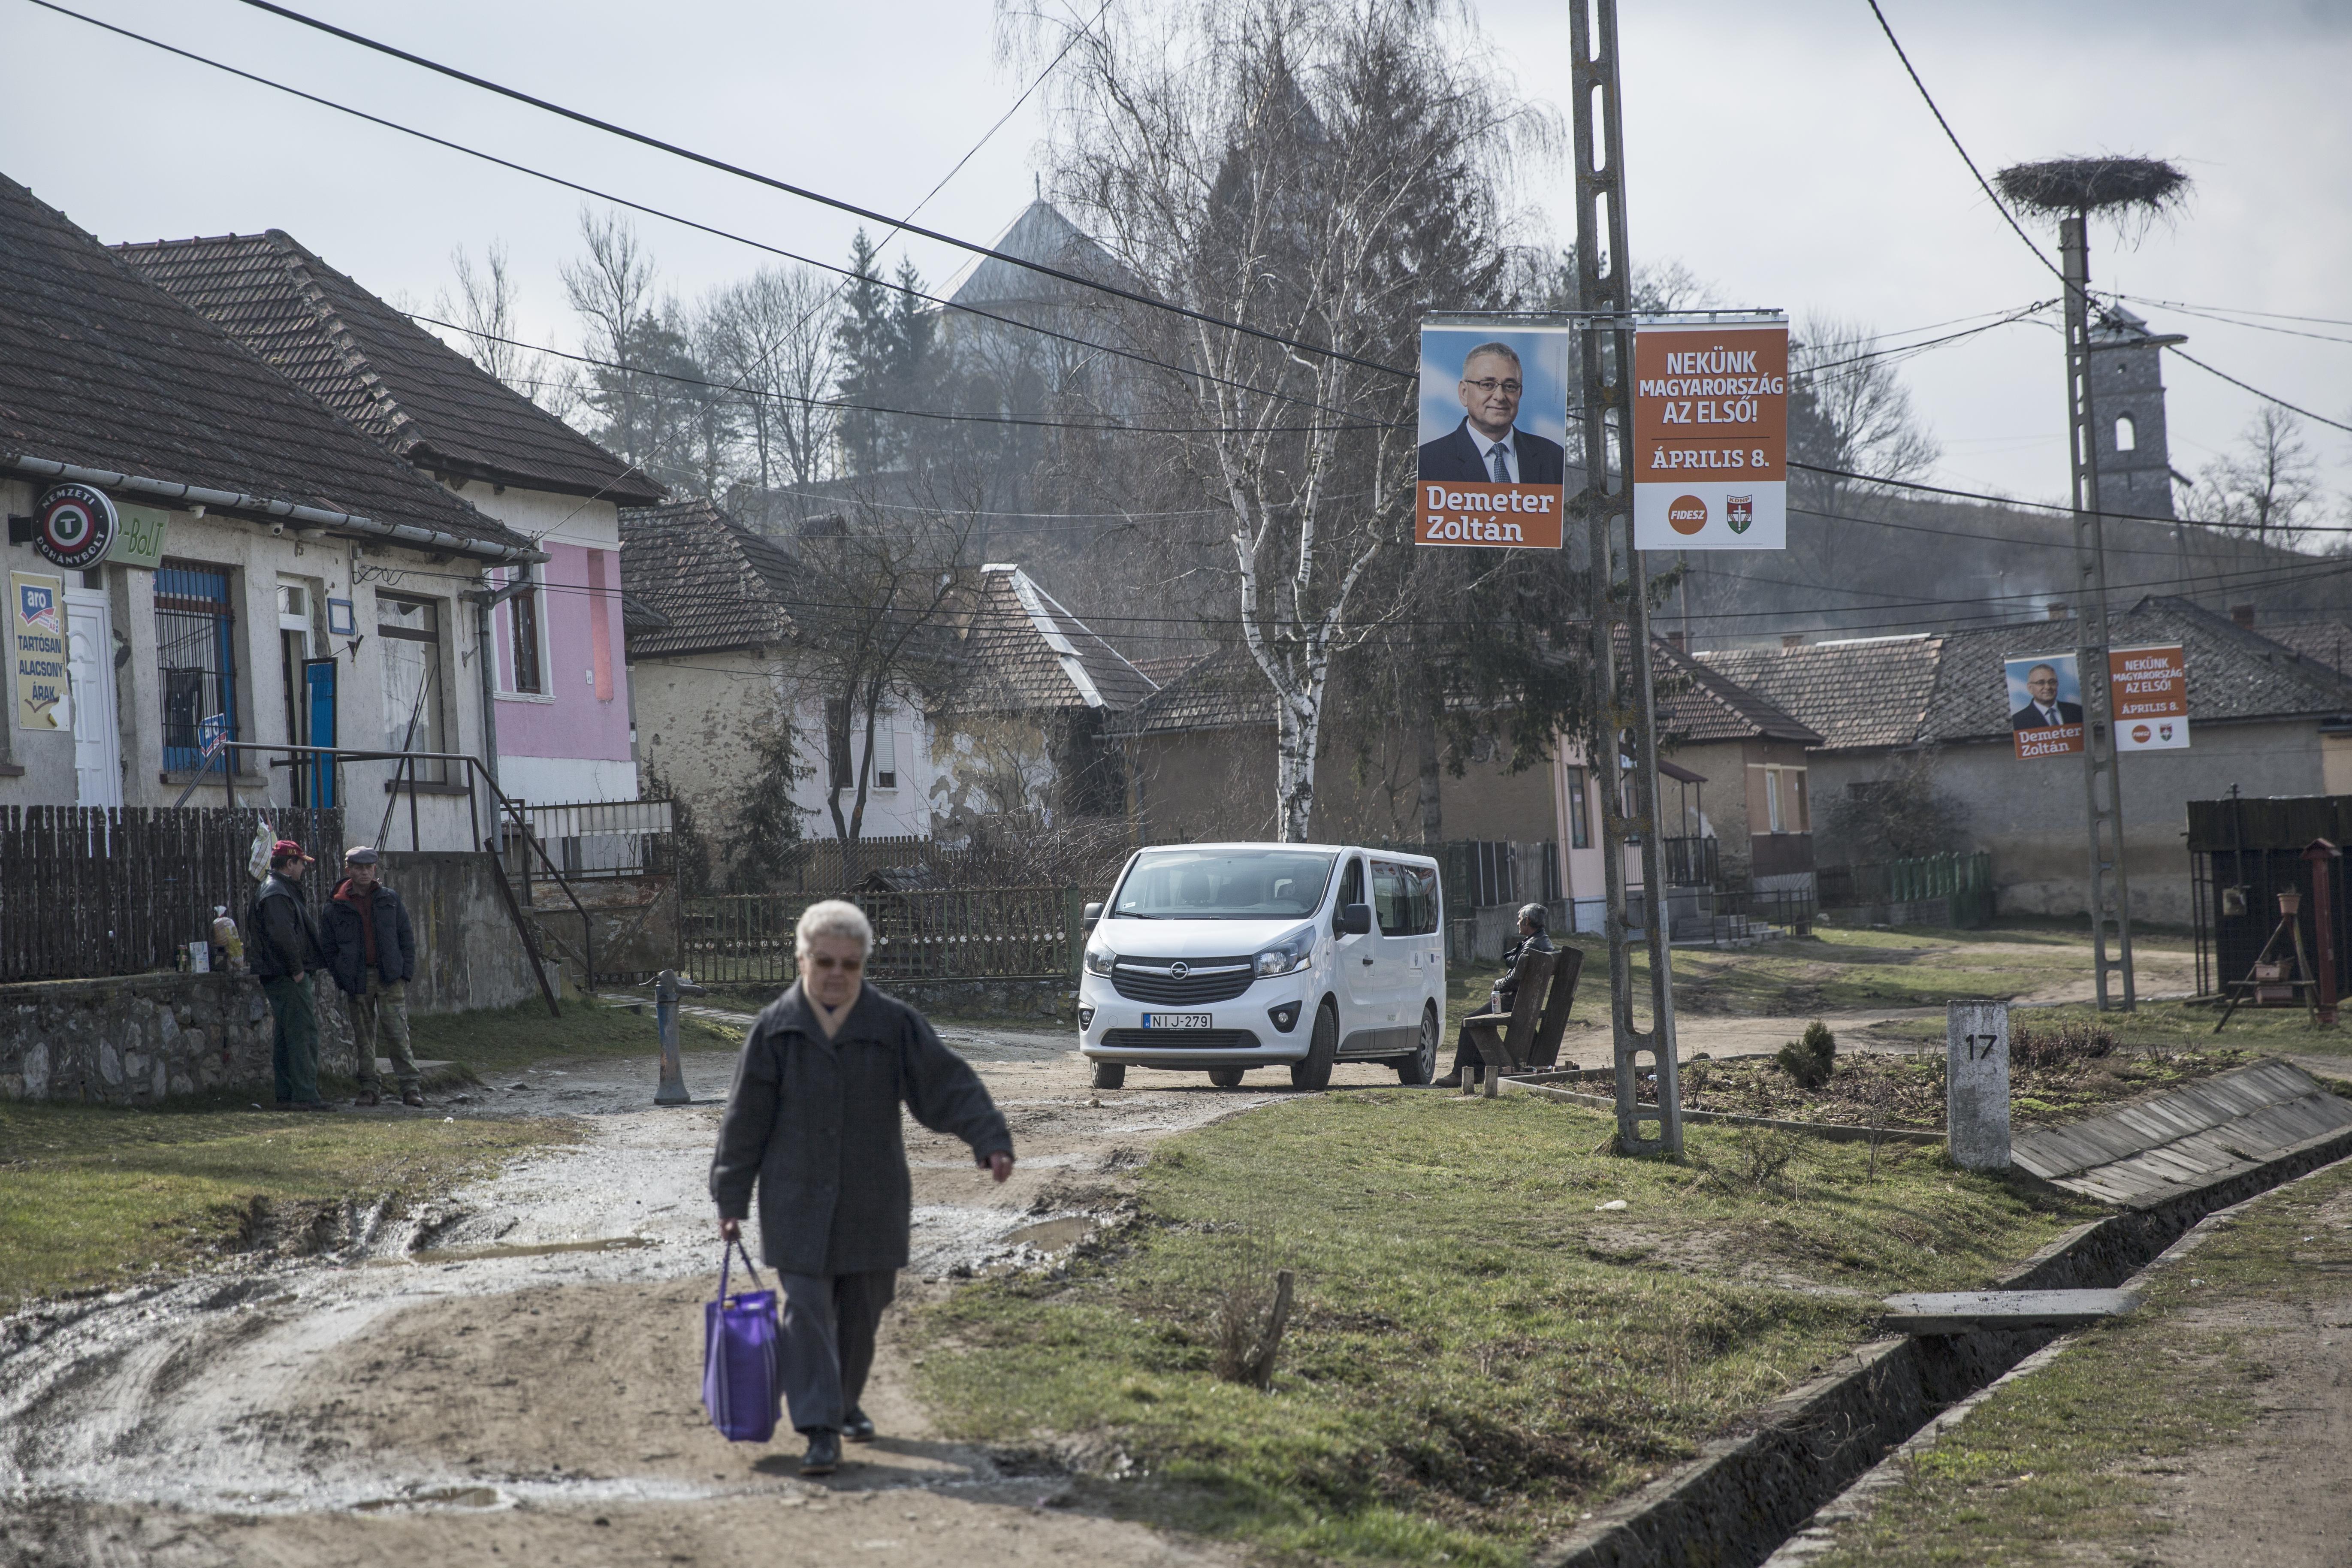 Egyre több nő és idős ember kényszerül közmunkára